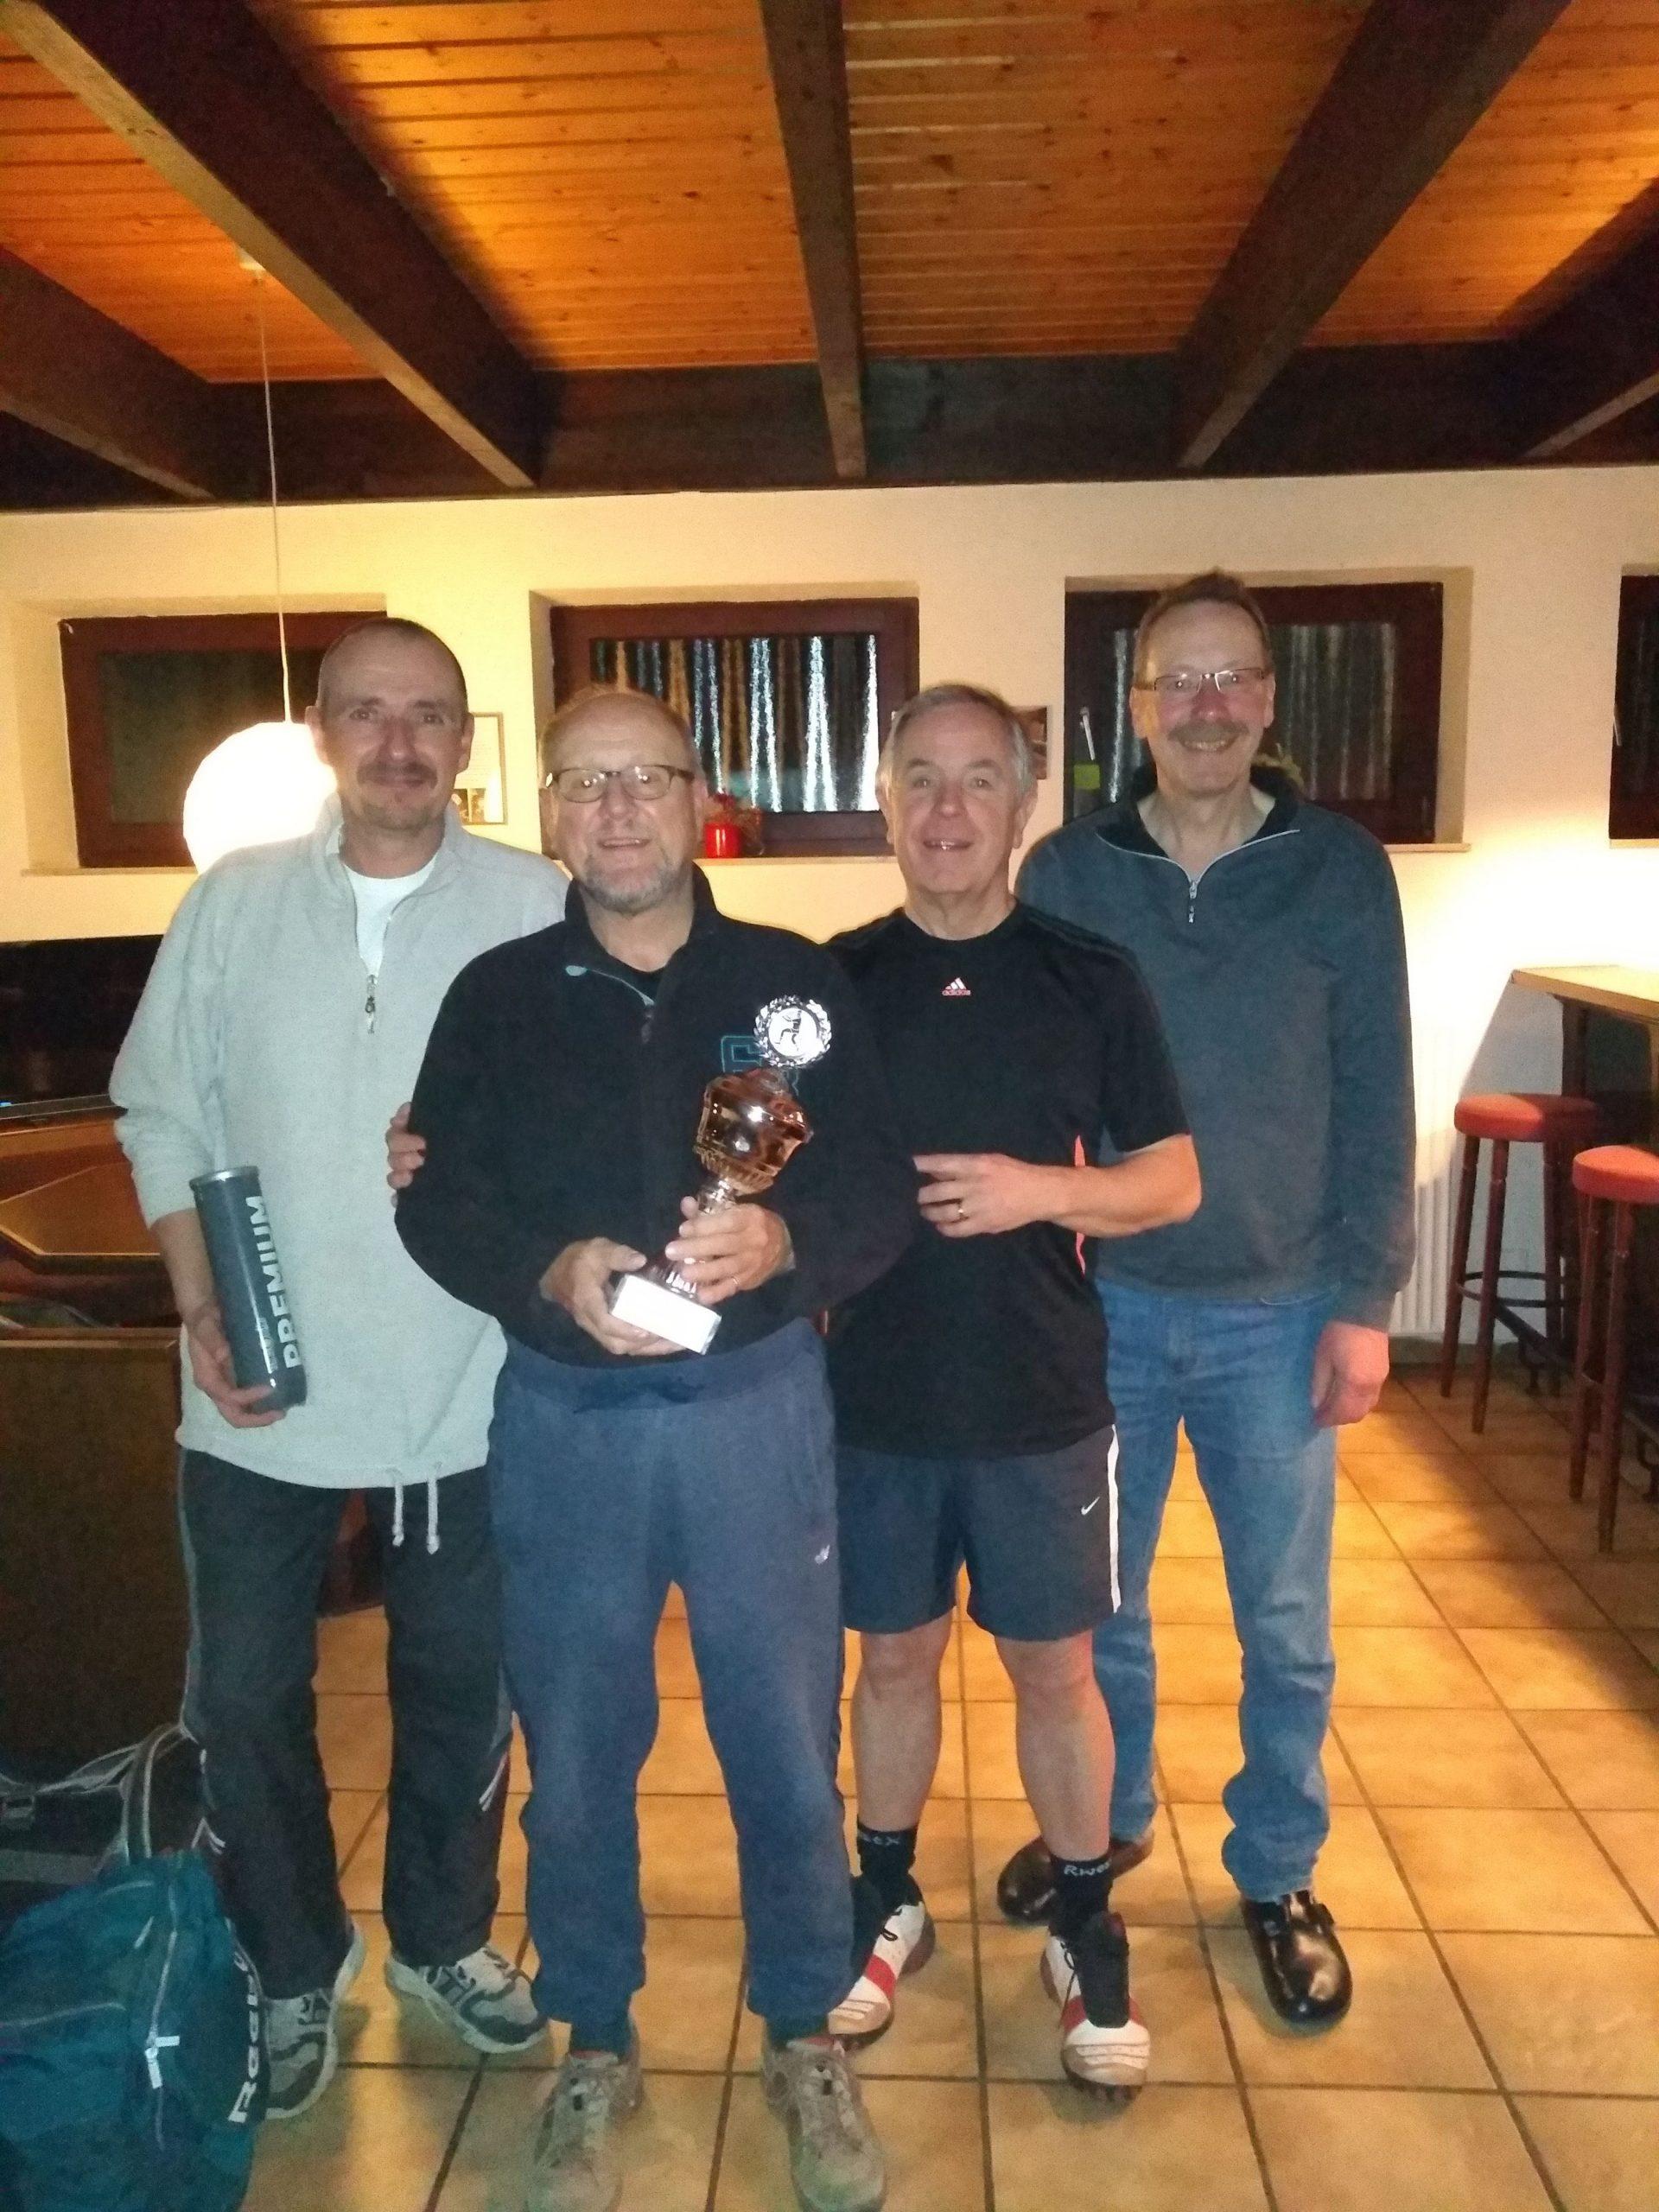 v. L. n. R. II.Platzierten Thomas Schewczuk,die Sieger Paul Semrau und Günter Thiel, sowie den II.Patzierten Norbert Mier, Es fehlt der III. Platzierte Wolfgang Ungerer.